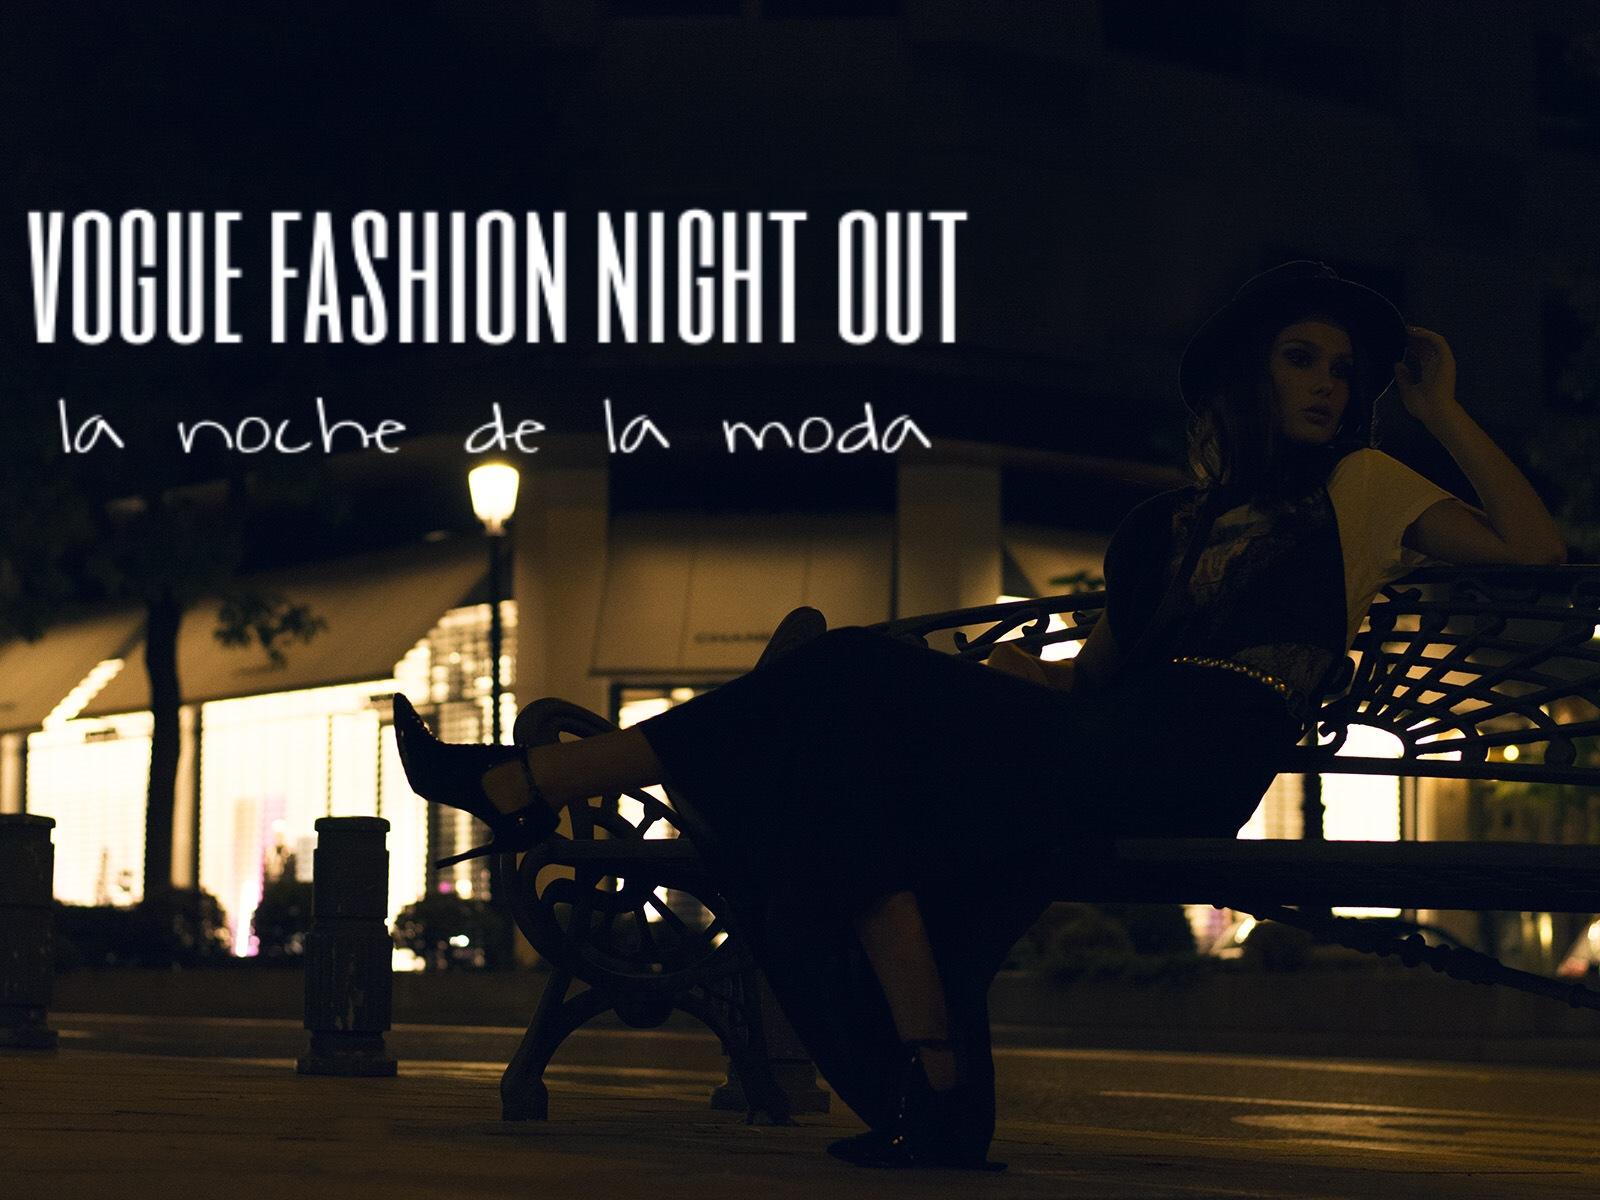 b762c3e261 El próximo jueves 10 de septiembre llega como cada año la Vogue Fashion  Night. Una noche en la que ninguna fashionista se puede quedar en casa.